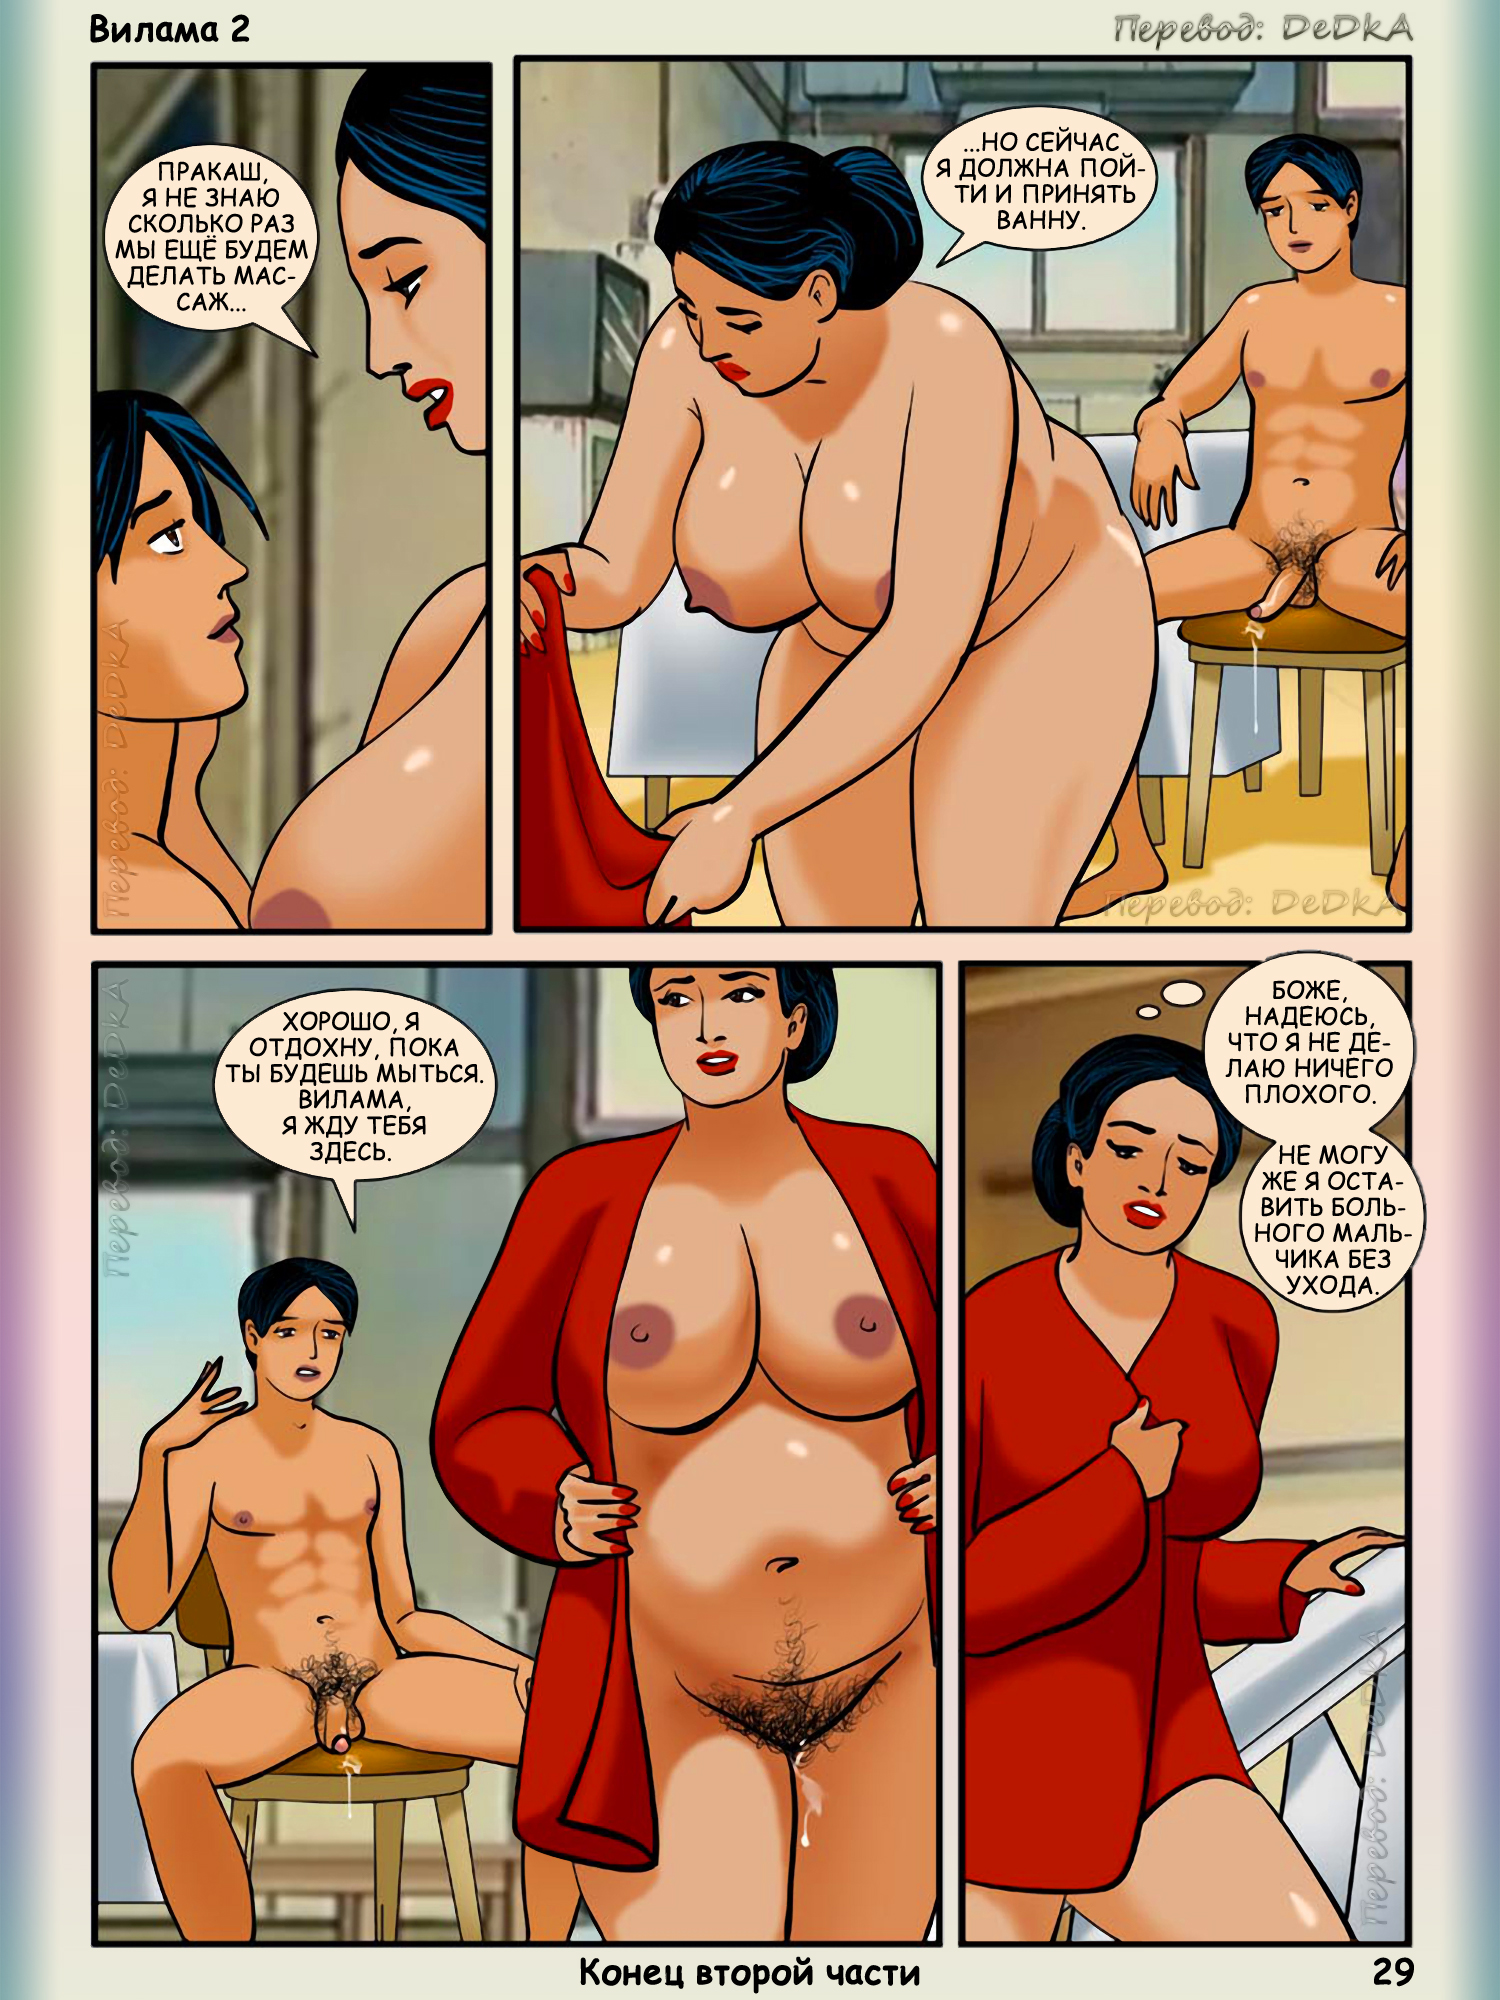 Читать порно комиксы вилама лакшми все части 3 фотография